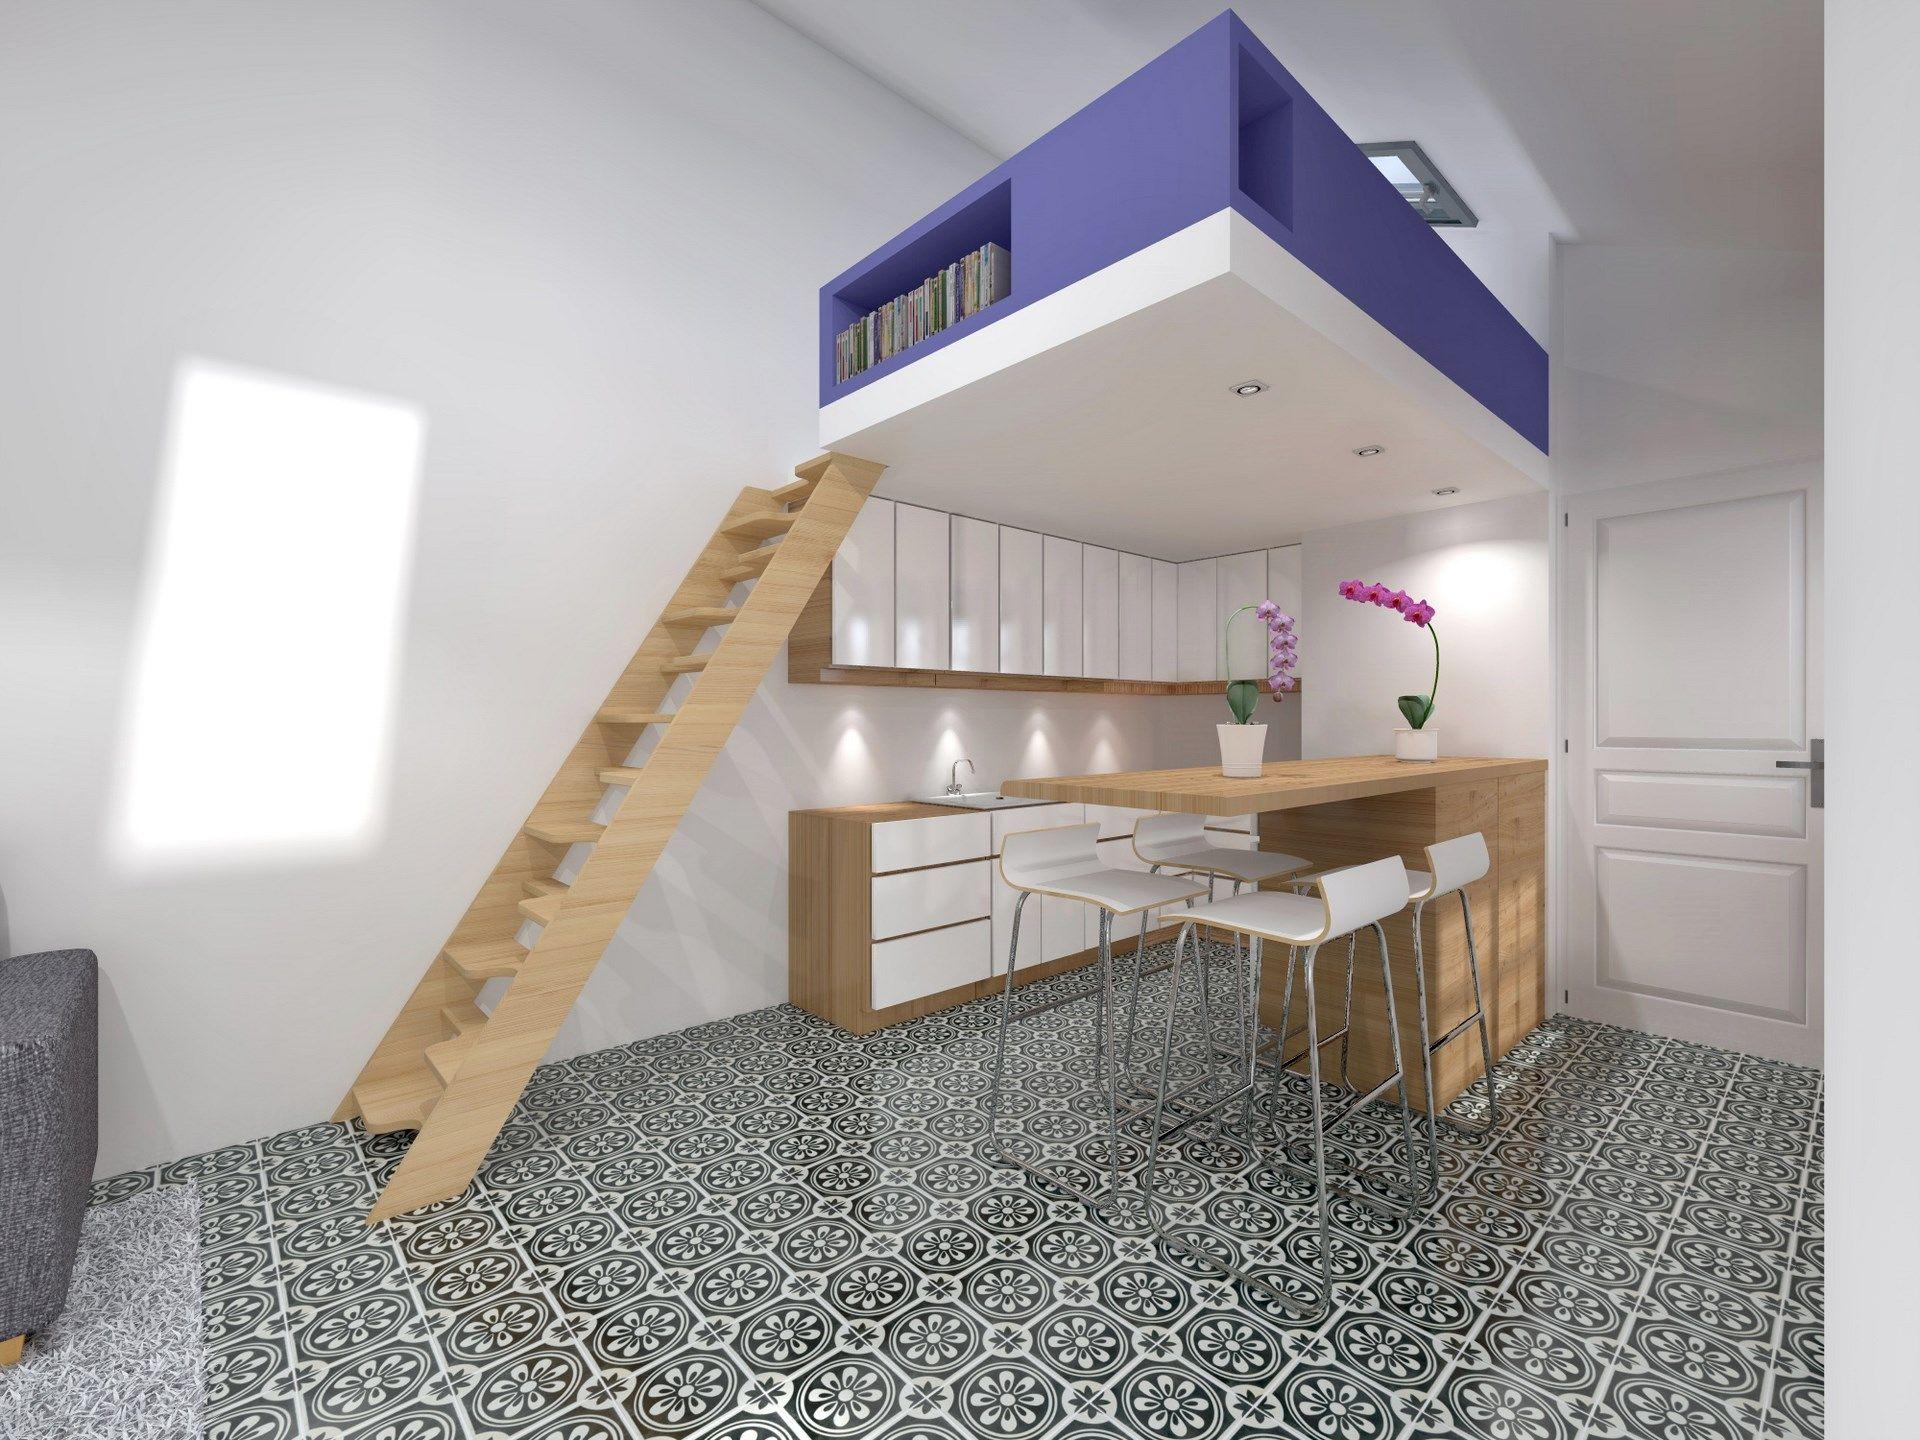 Surelevation mezzanine cuisine ouverte agence avous duplex combles pinterest small - Kind mezzanine kantoor ...